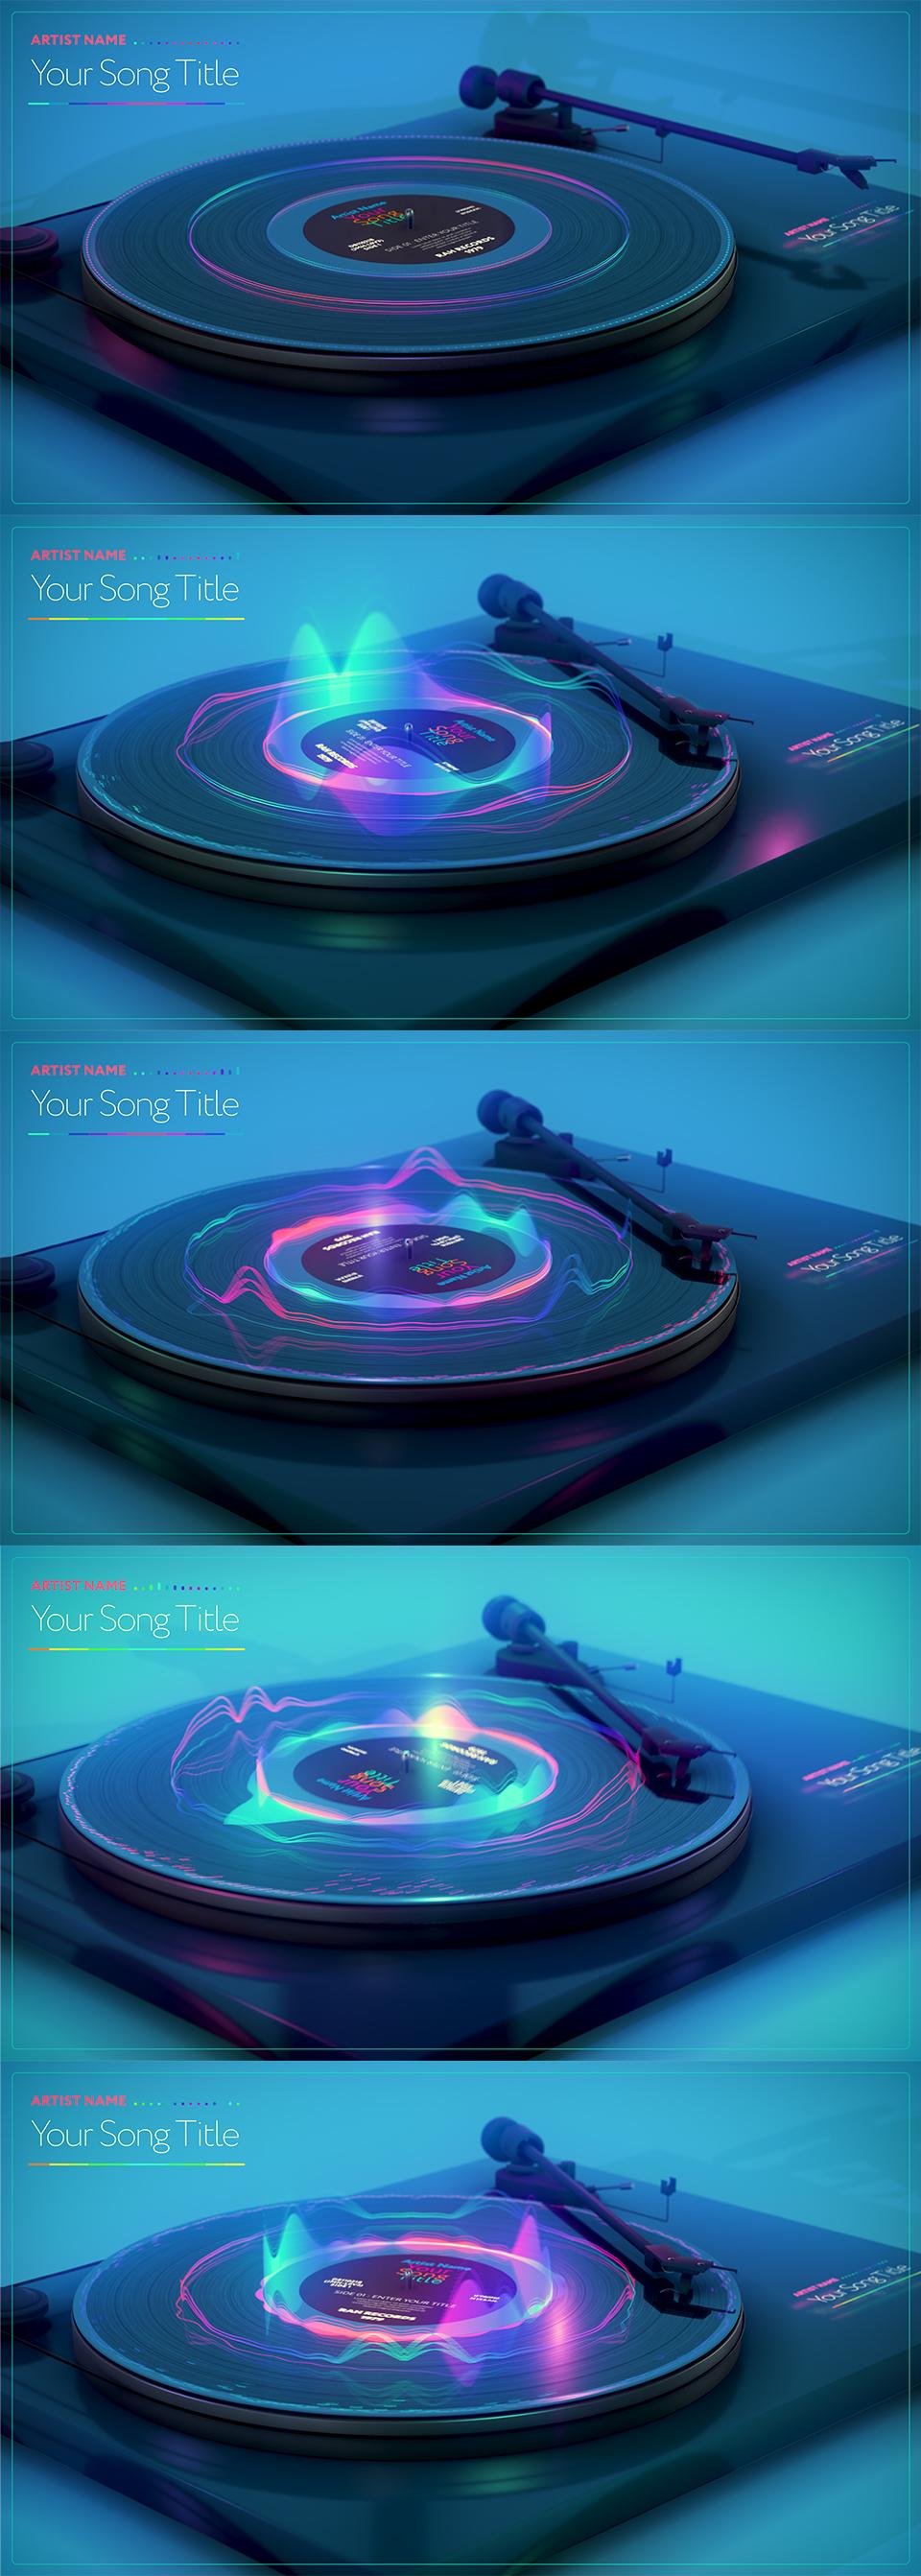 音乐转盘可视化器视频ae素材designshidai_video0041